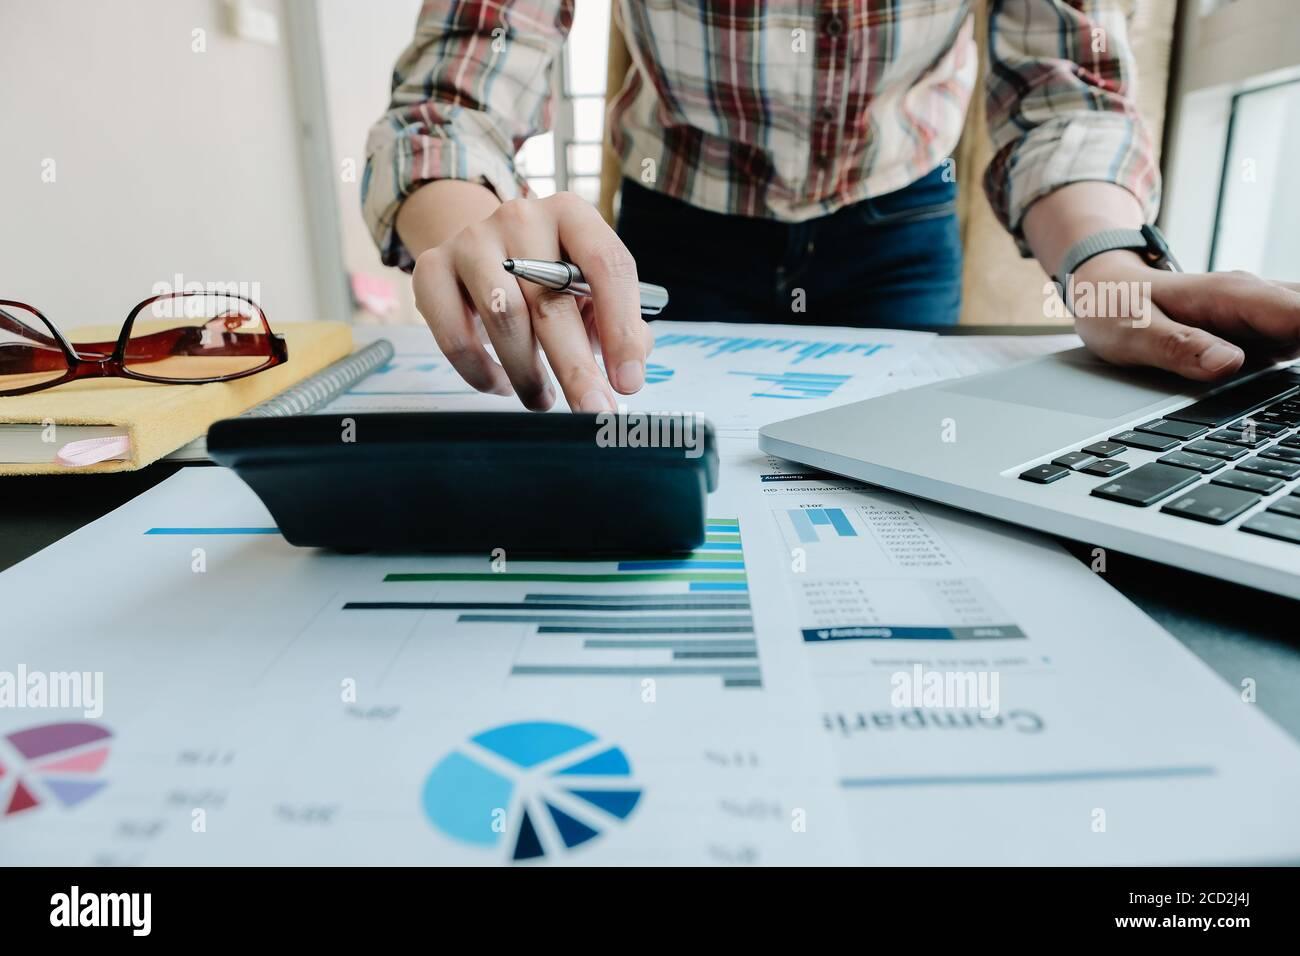 El contable o el inspector financiero realiza el reporte, el cálculo o el control del balance. Finanzas domésticas, inversión, economía, ahorro de dinero o seguros Foto de stock